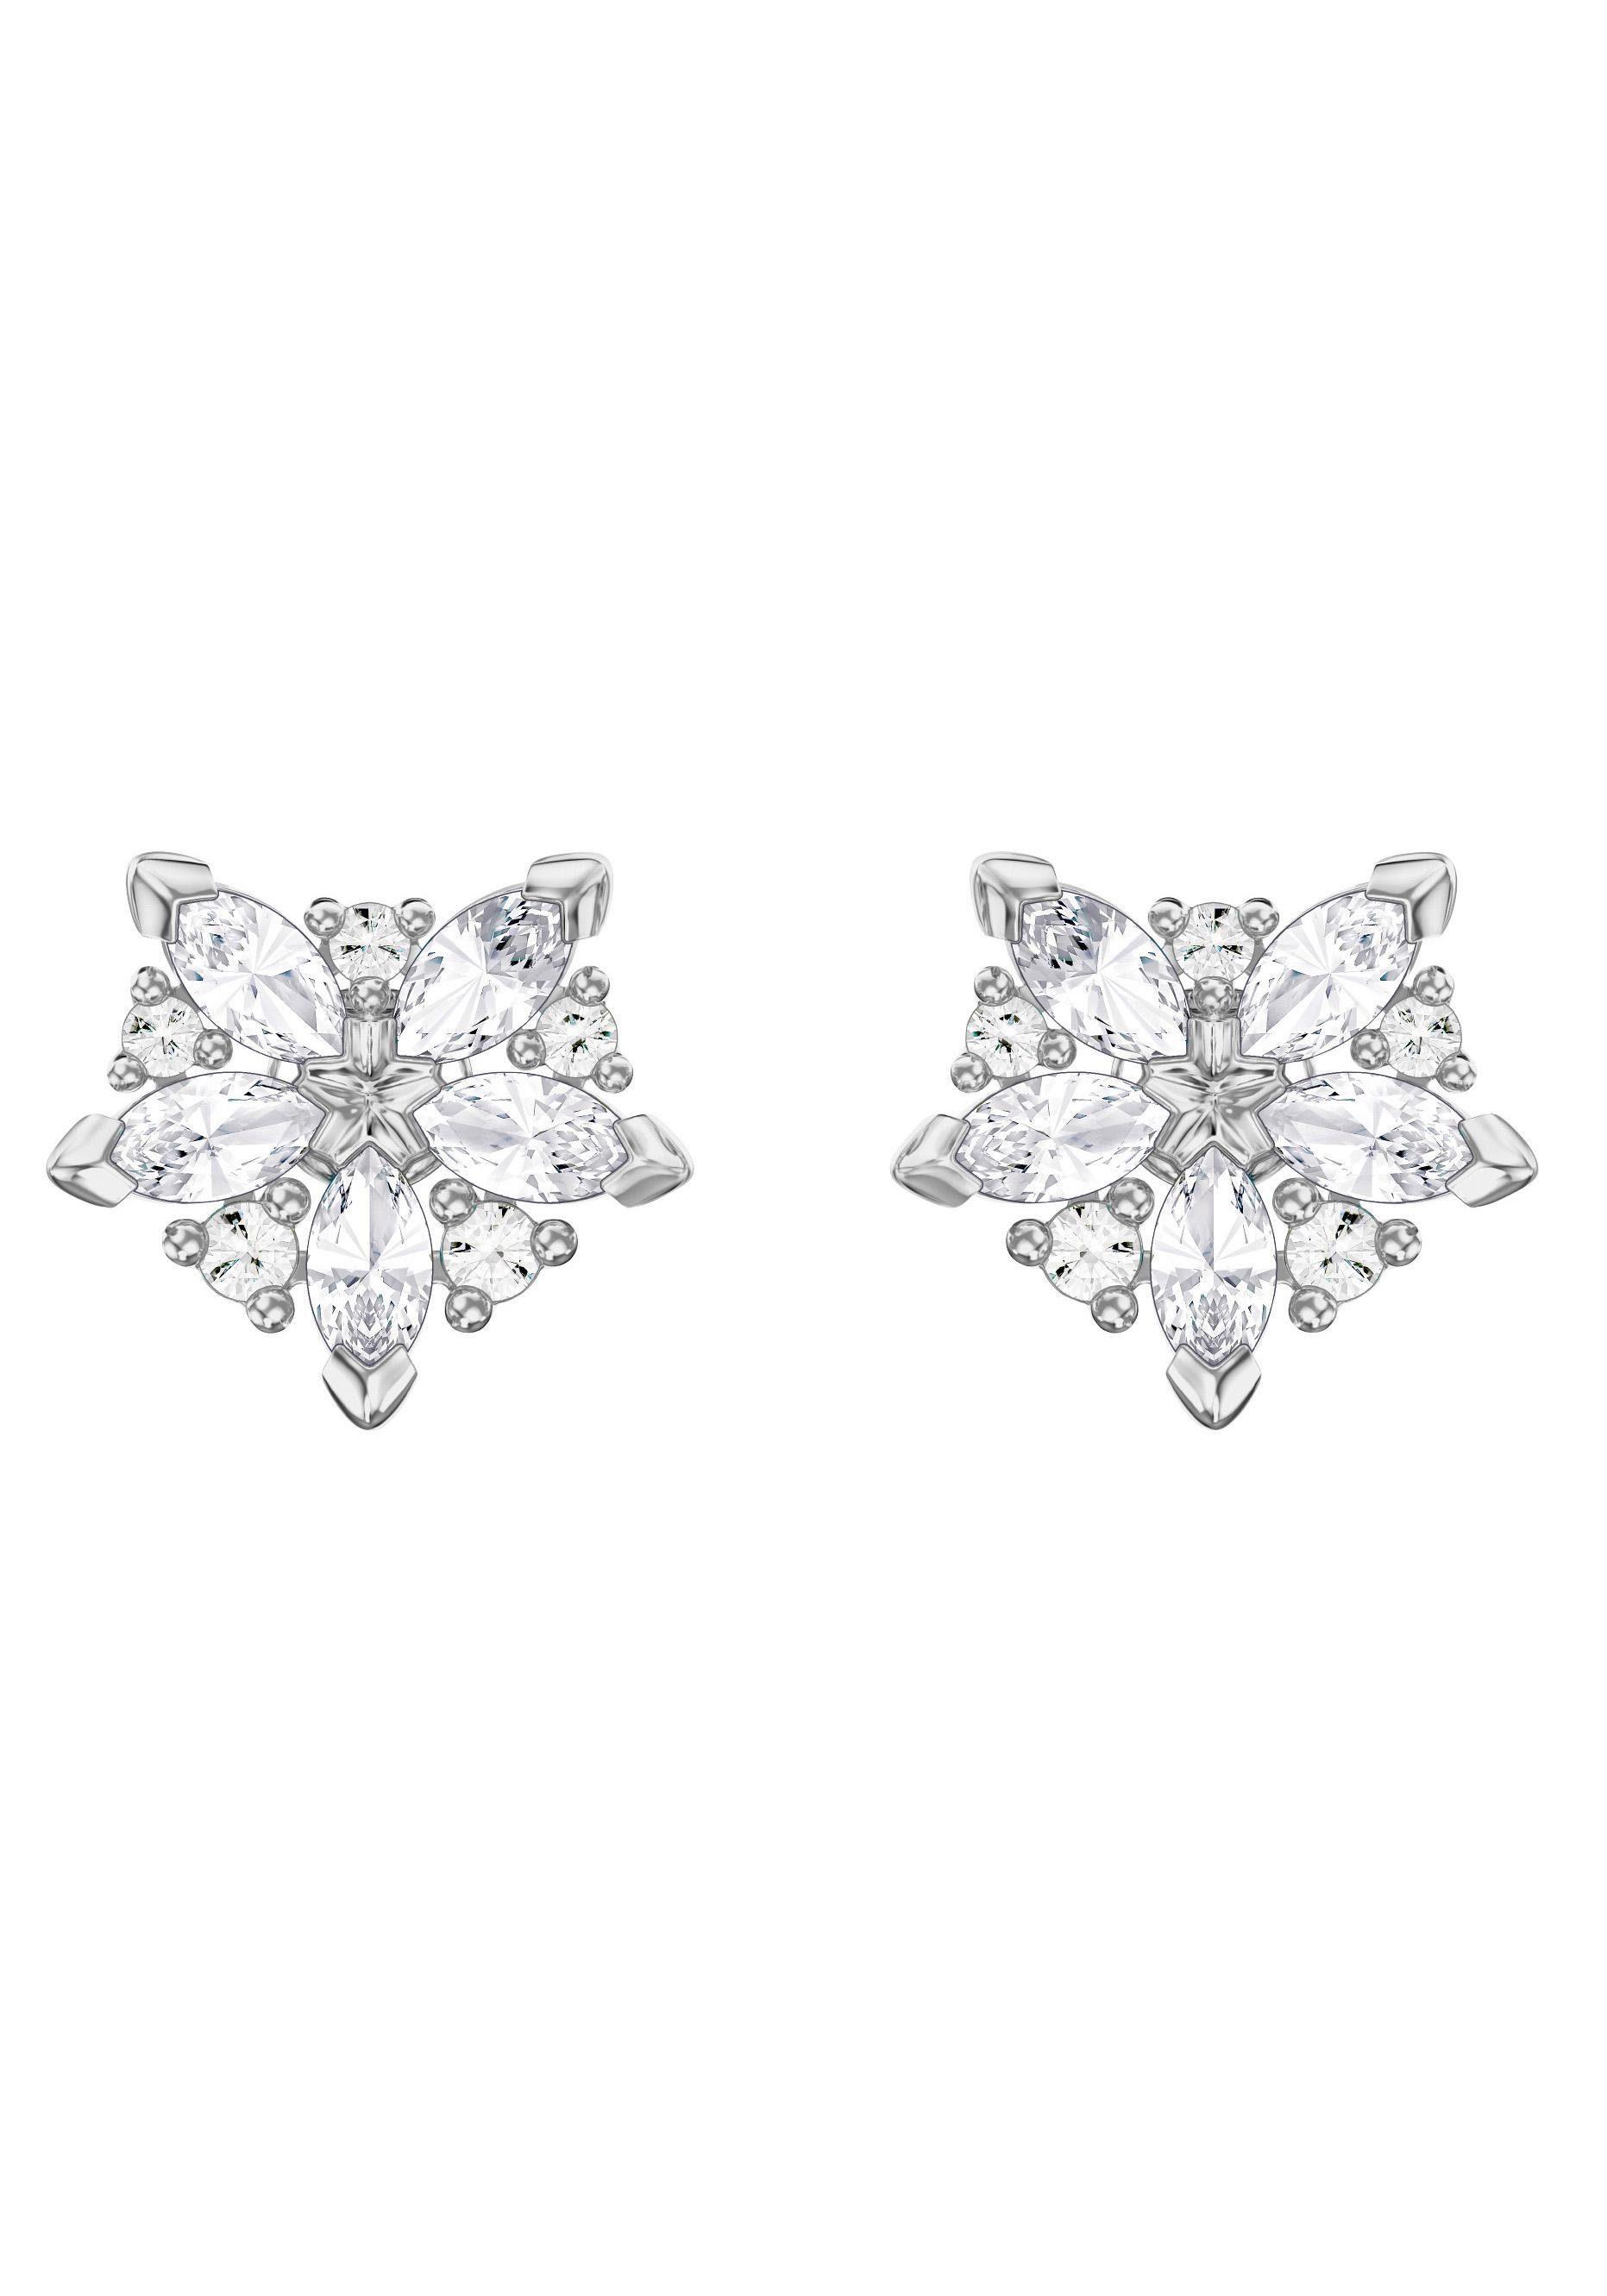 Swarovski Paar Ohrstecker »Lady, weiss, rhodiniert, 5390190« mit Swarovski® Kristallen